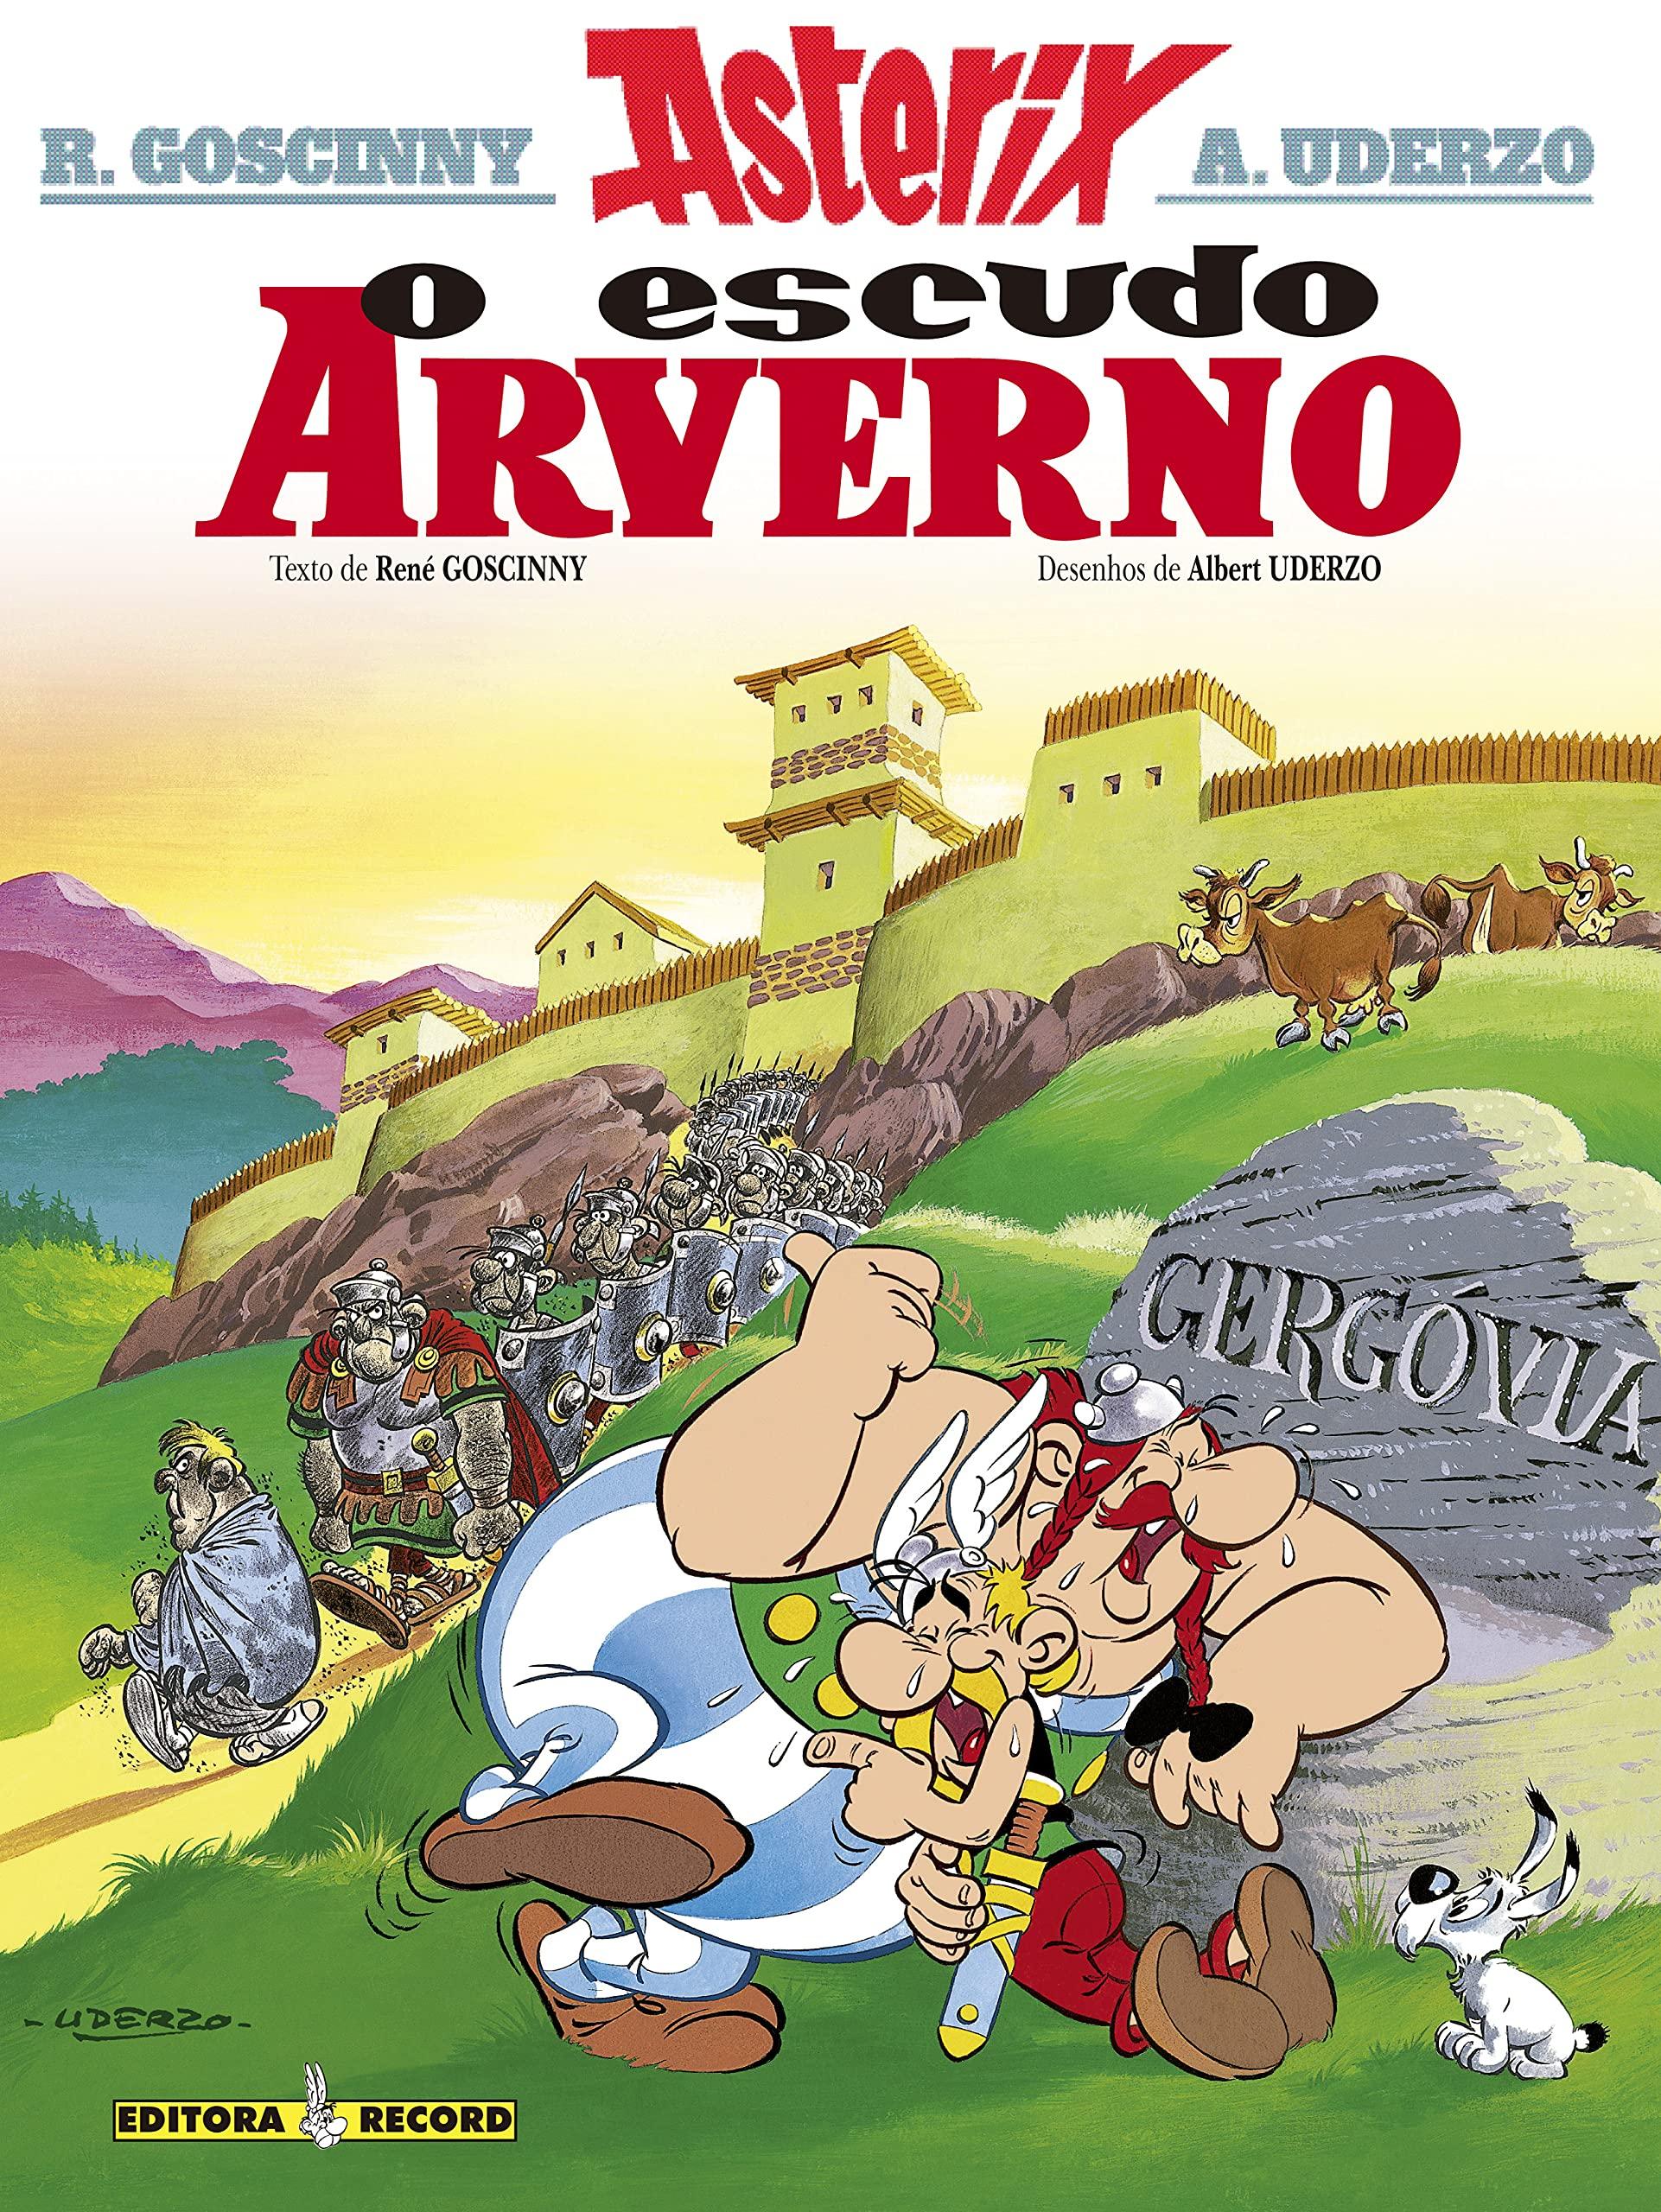 Resenha | Asterix: O Escudo Arverno